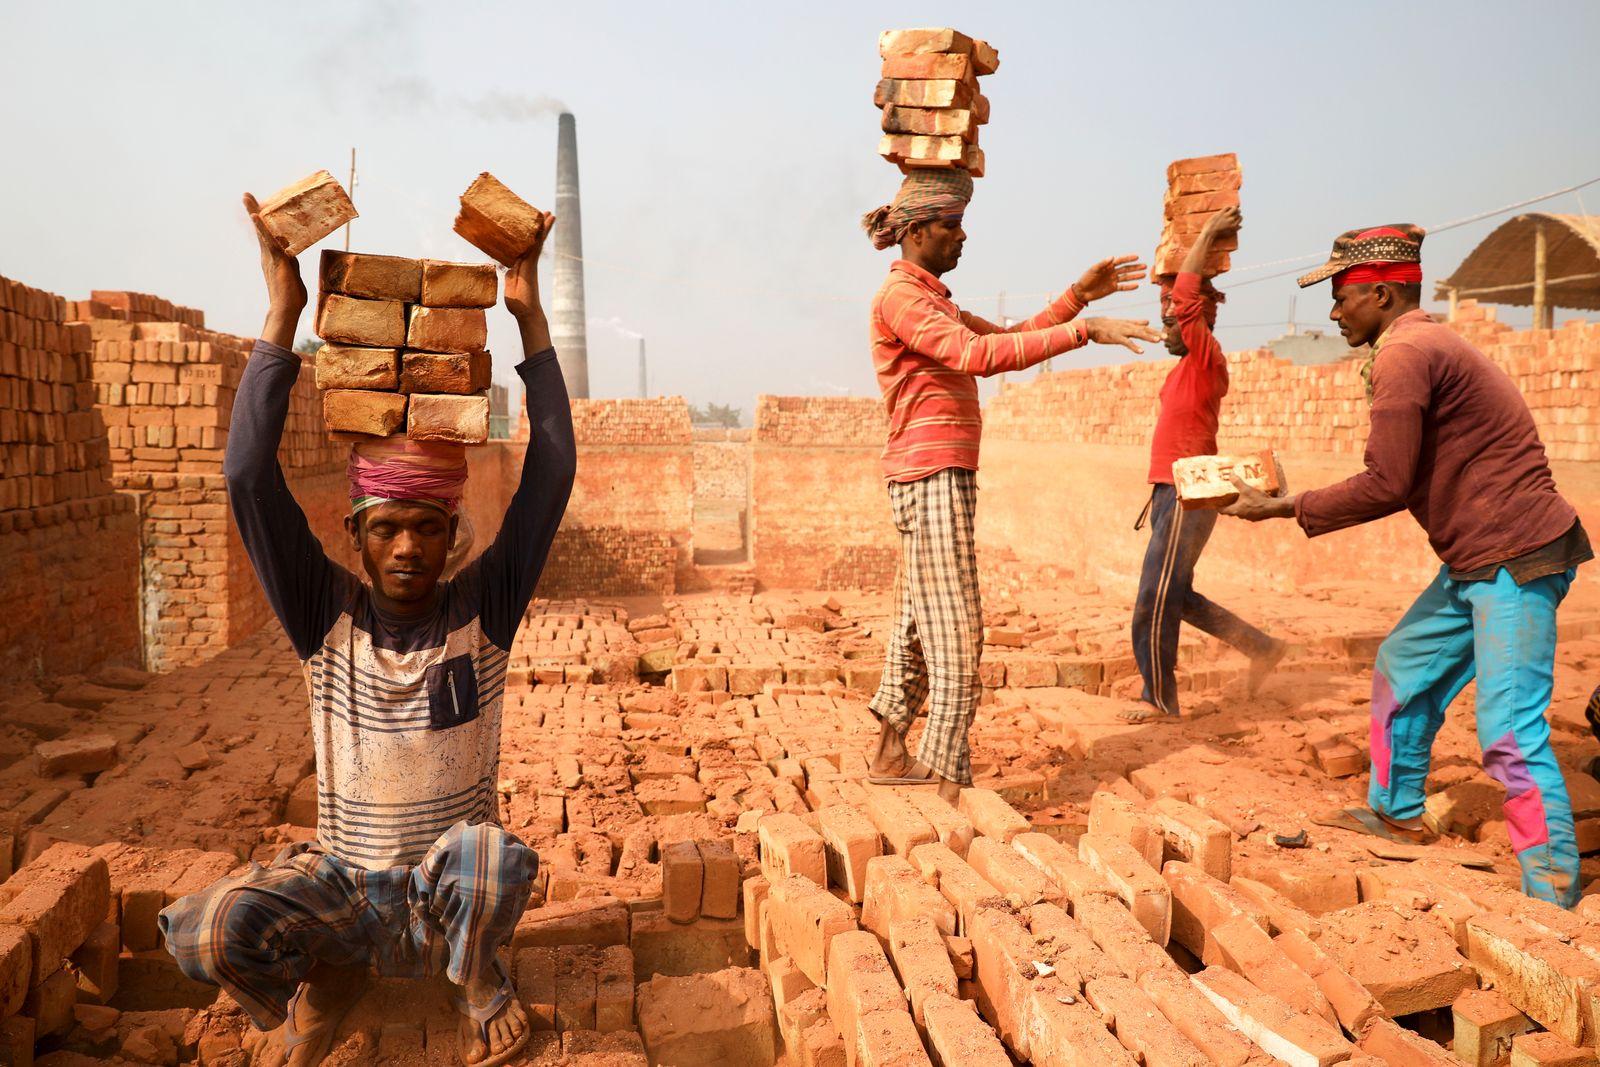 People are working in a brick kiln in Narayanganj